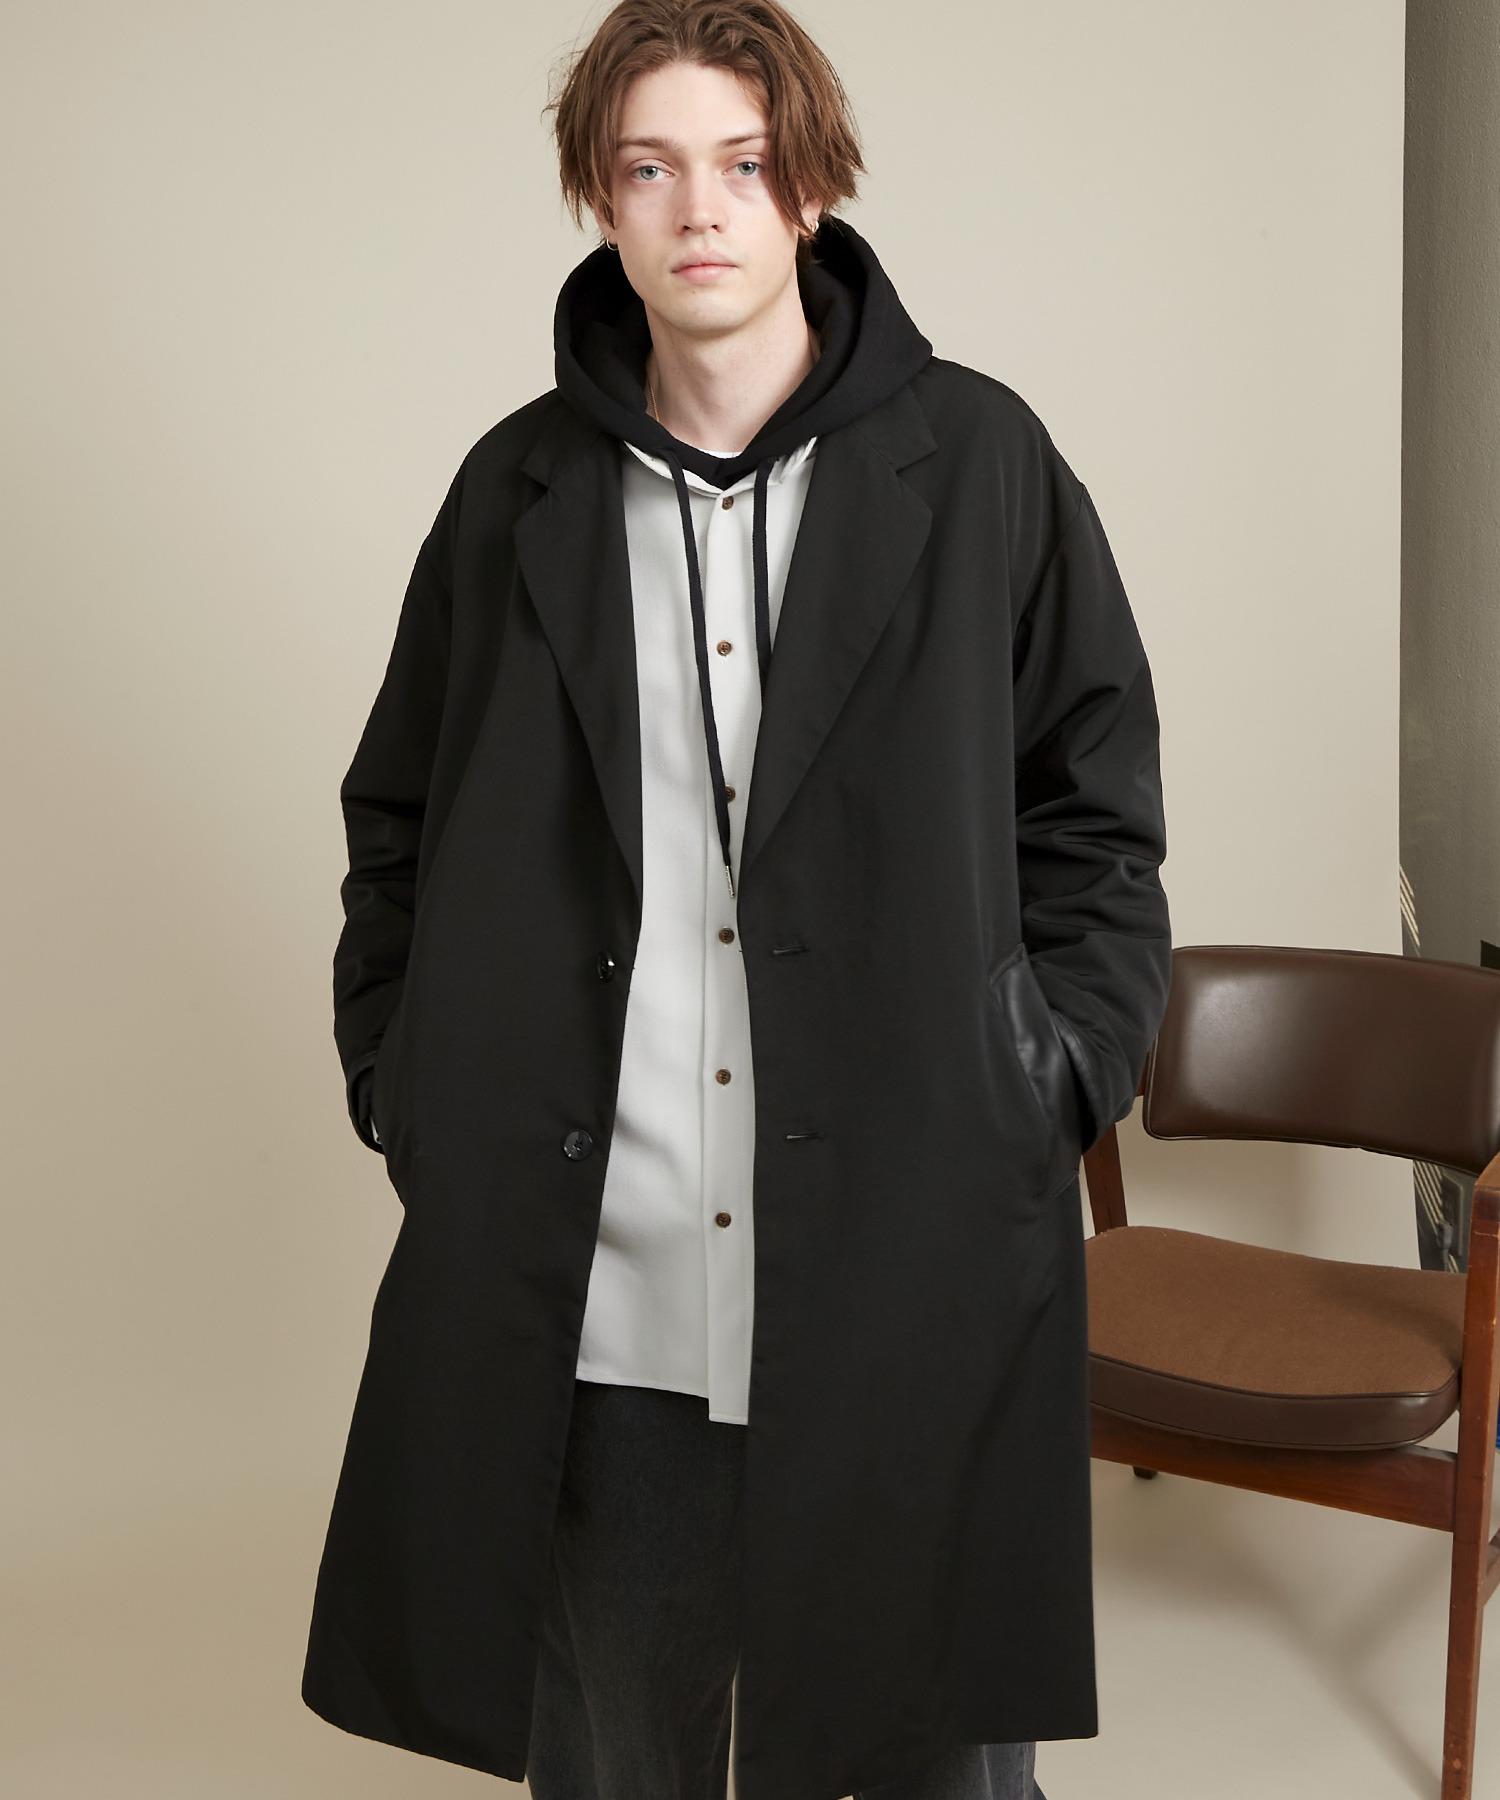 オーバーサイズ スプリングコート/ソフトレザー切替【ファッションインフルエンサーとっしー×EMMA CLOTHES 2020SPRING】